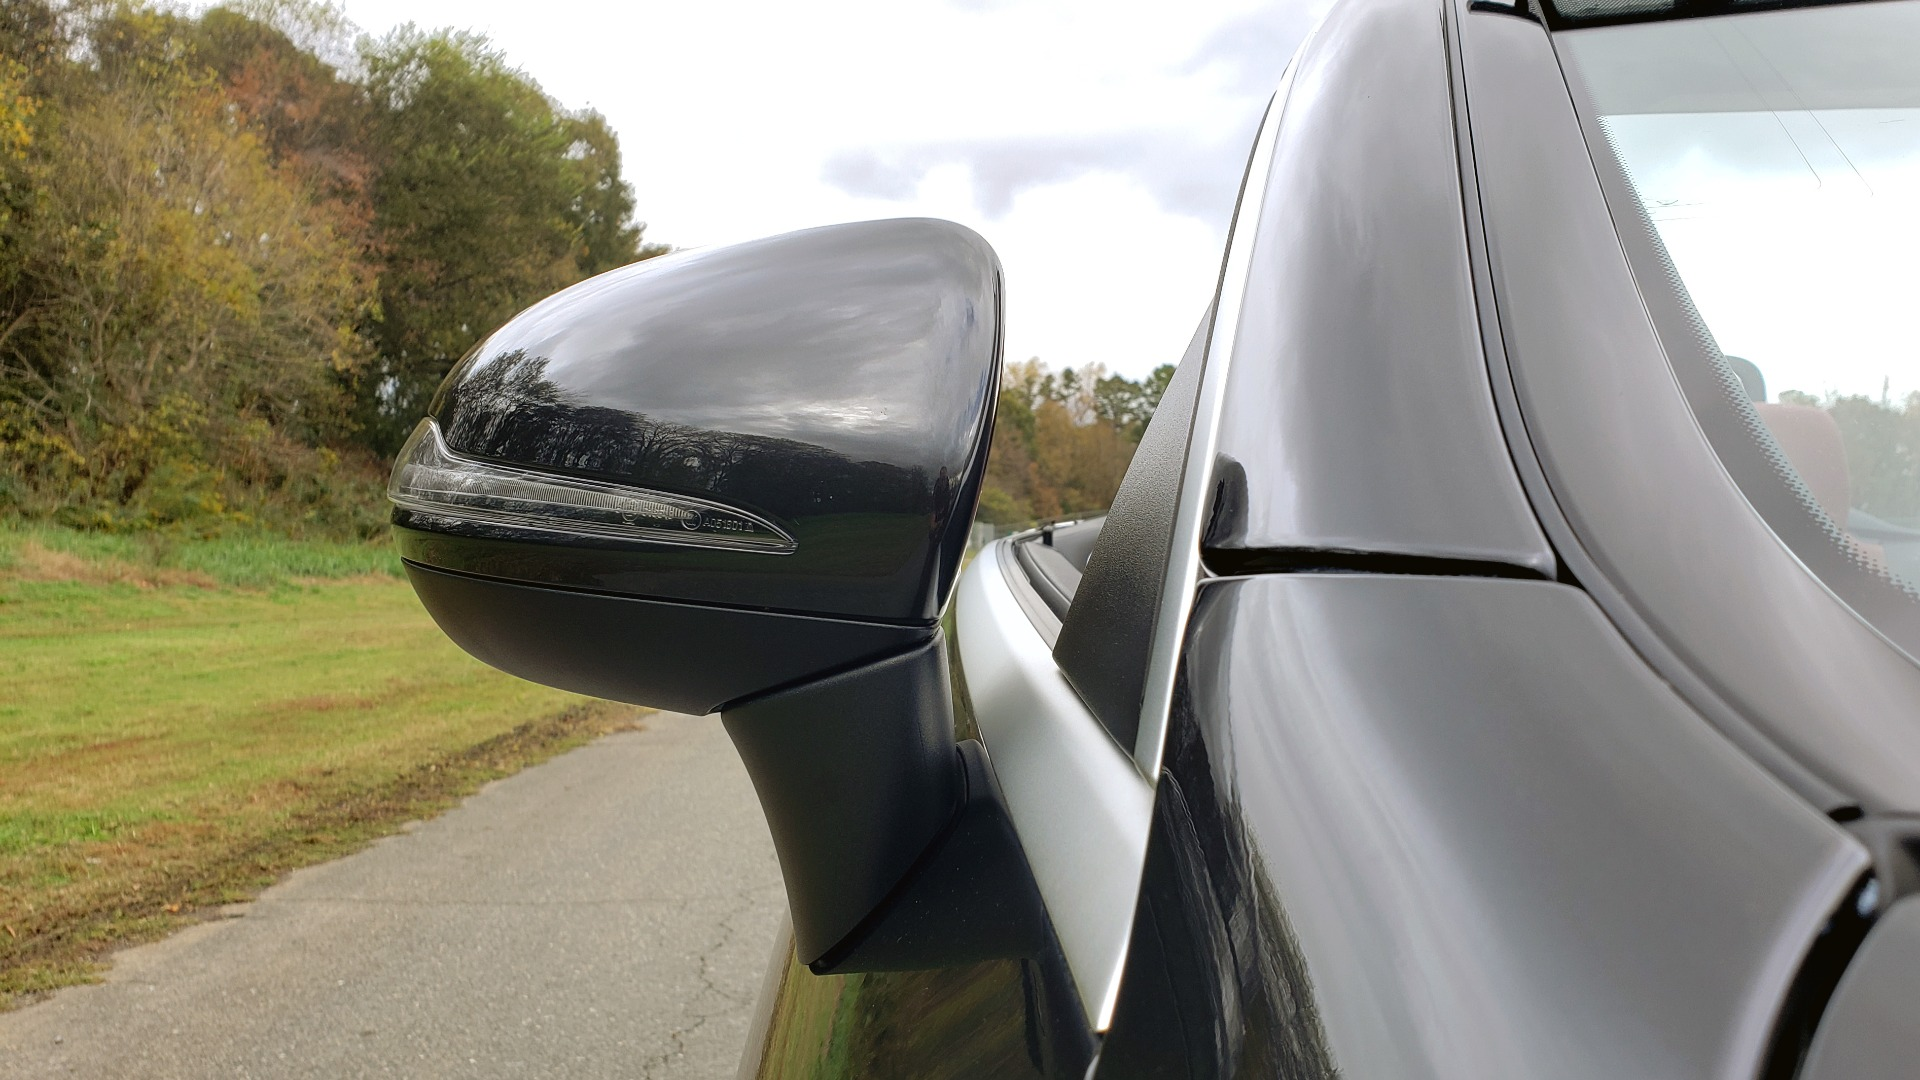 Used 2019 Mercedes-Benz C-CLASS C 300 CABRIOLET / PREM PKG / NAV / BURMESTER / MULTIMEDIA for sale Sold at Formula Imports in Charlotte NC 28227 54